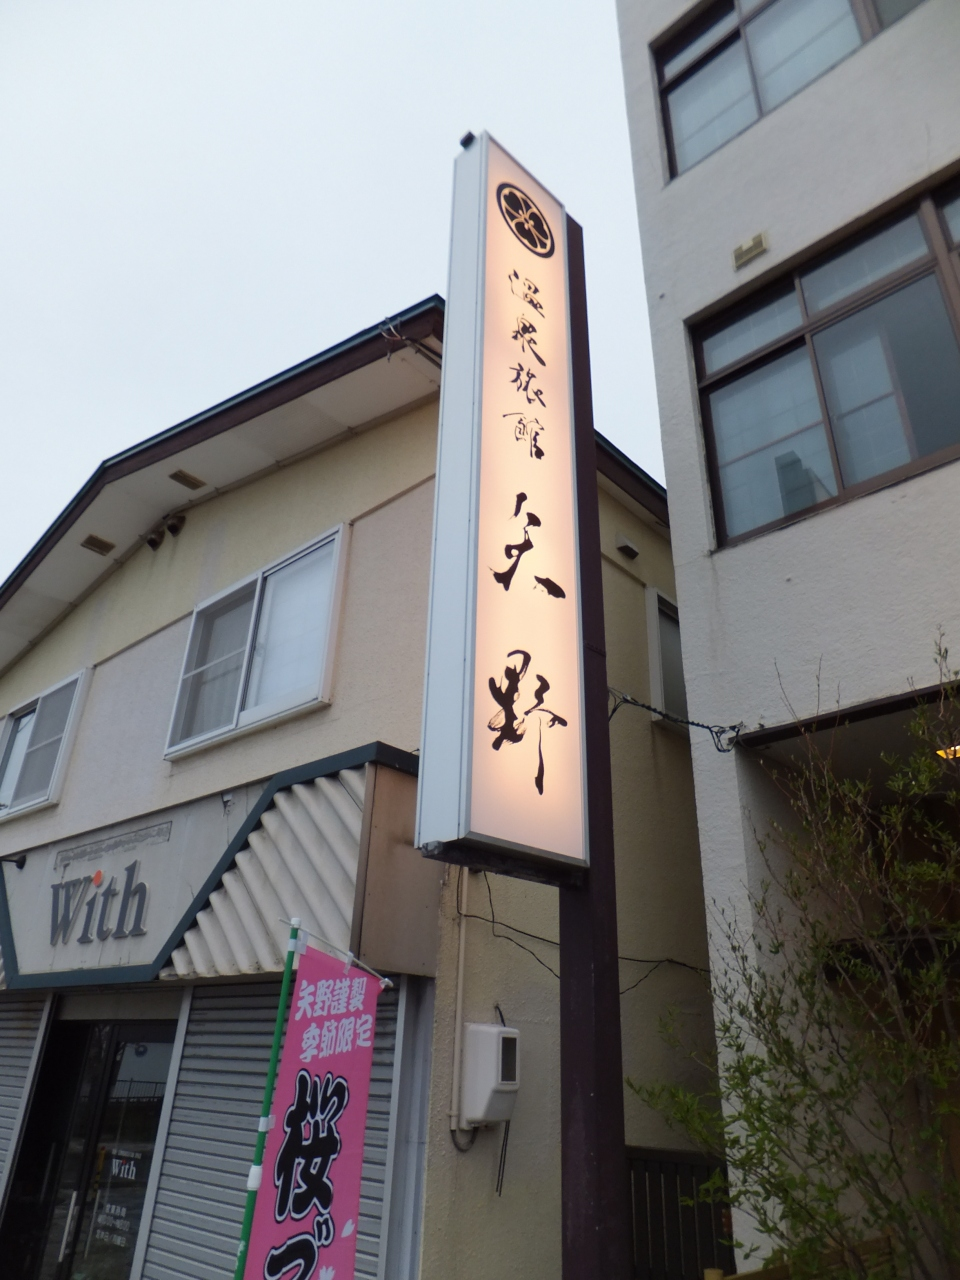 松前 温泉旅館 矢野 写真・画像【フォートラベル】|松前半島